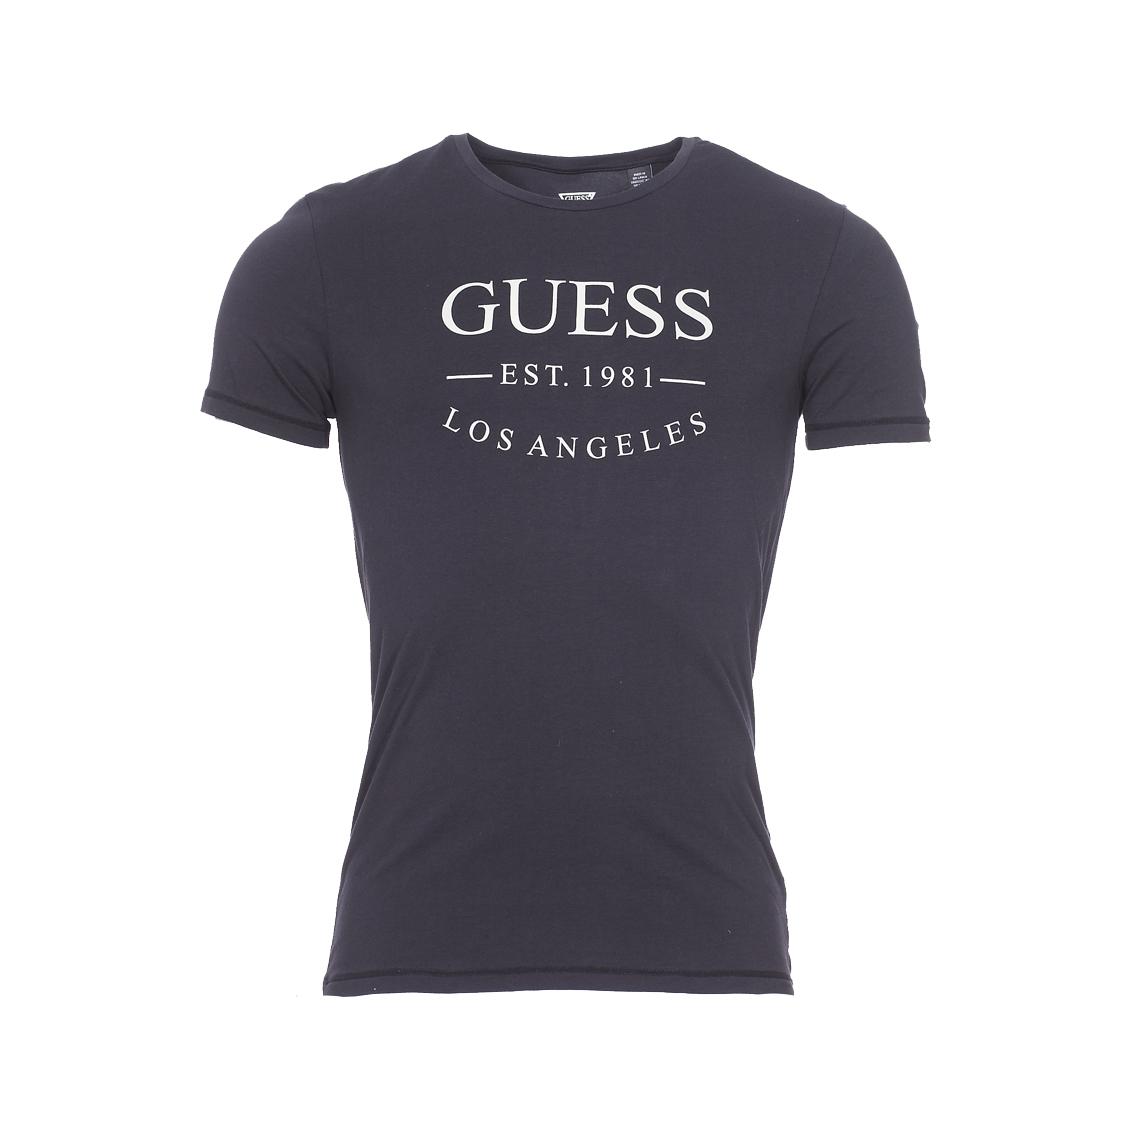 Tee-shirt col rond guess en coton stretch noir floqué en gris